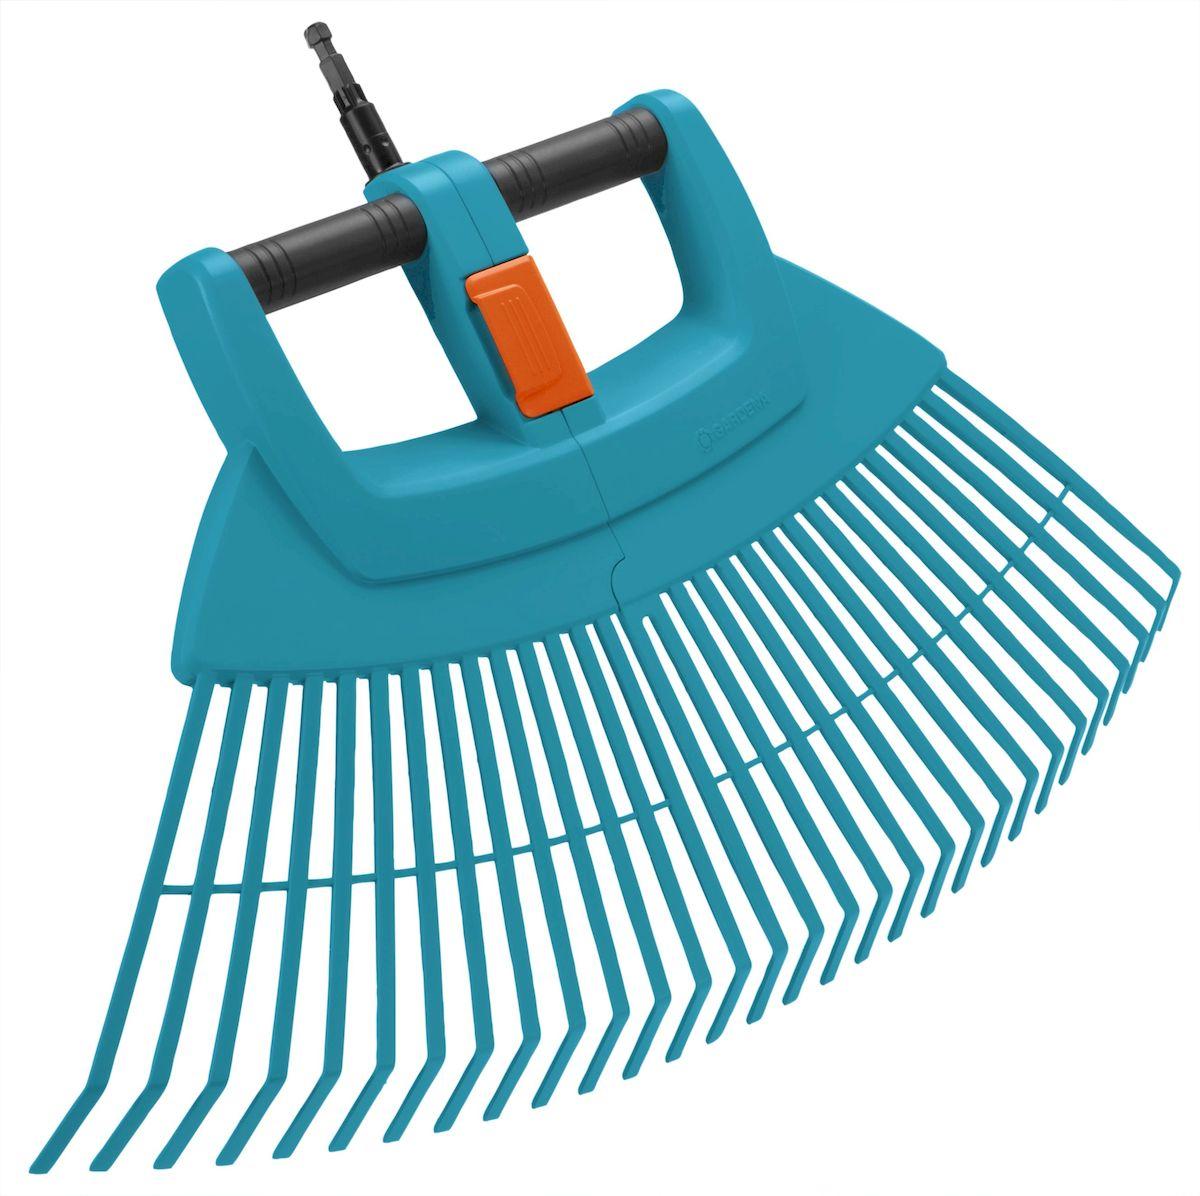 Gardena Грабли пластиковые веерные XXL складные03107-20.000.00Для быстрого сбора листвы, скошенной травы и другого садового мусора с больших площадей, рабочая ширина 77см, рекомендуемая длина ручки 130см 150см(3723-20 или 3725-20), пластик с интегрированной алюминиевой трубкой повышенной прочности, складываются пополам для удобной уборки собранного мусора и компактного хранения, большая фиксирующая накладка для удобства складывания.